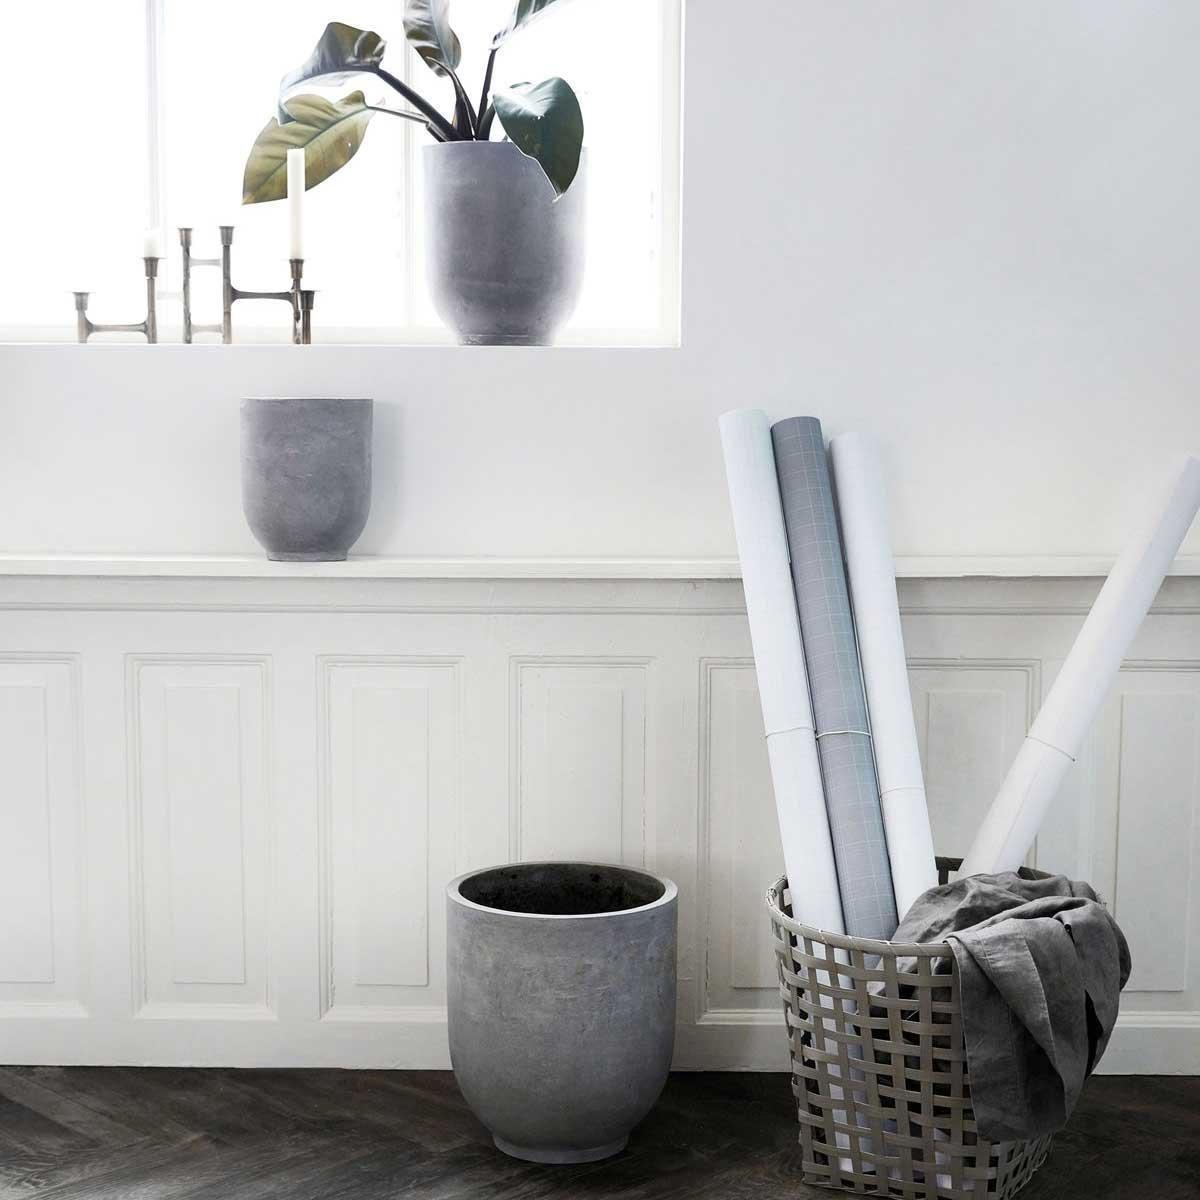 beton style fr pflanzen blumentopf schlicht grau urbanjungle - Beliebt Couchtisch Ausergewohnlich Ideen